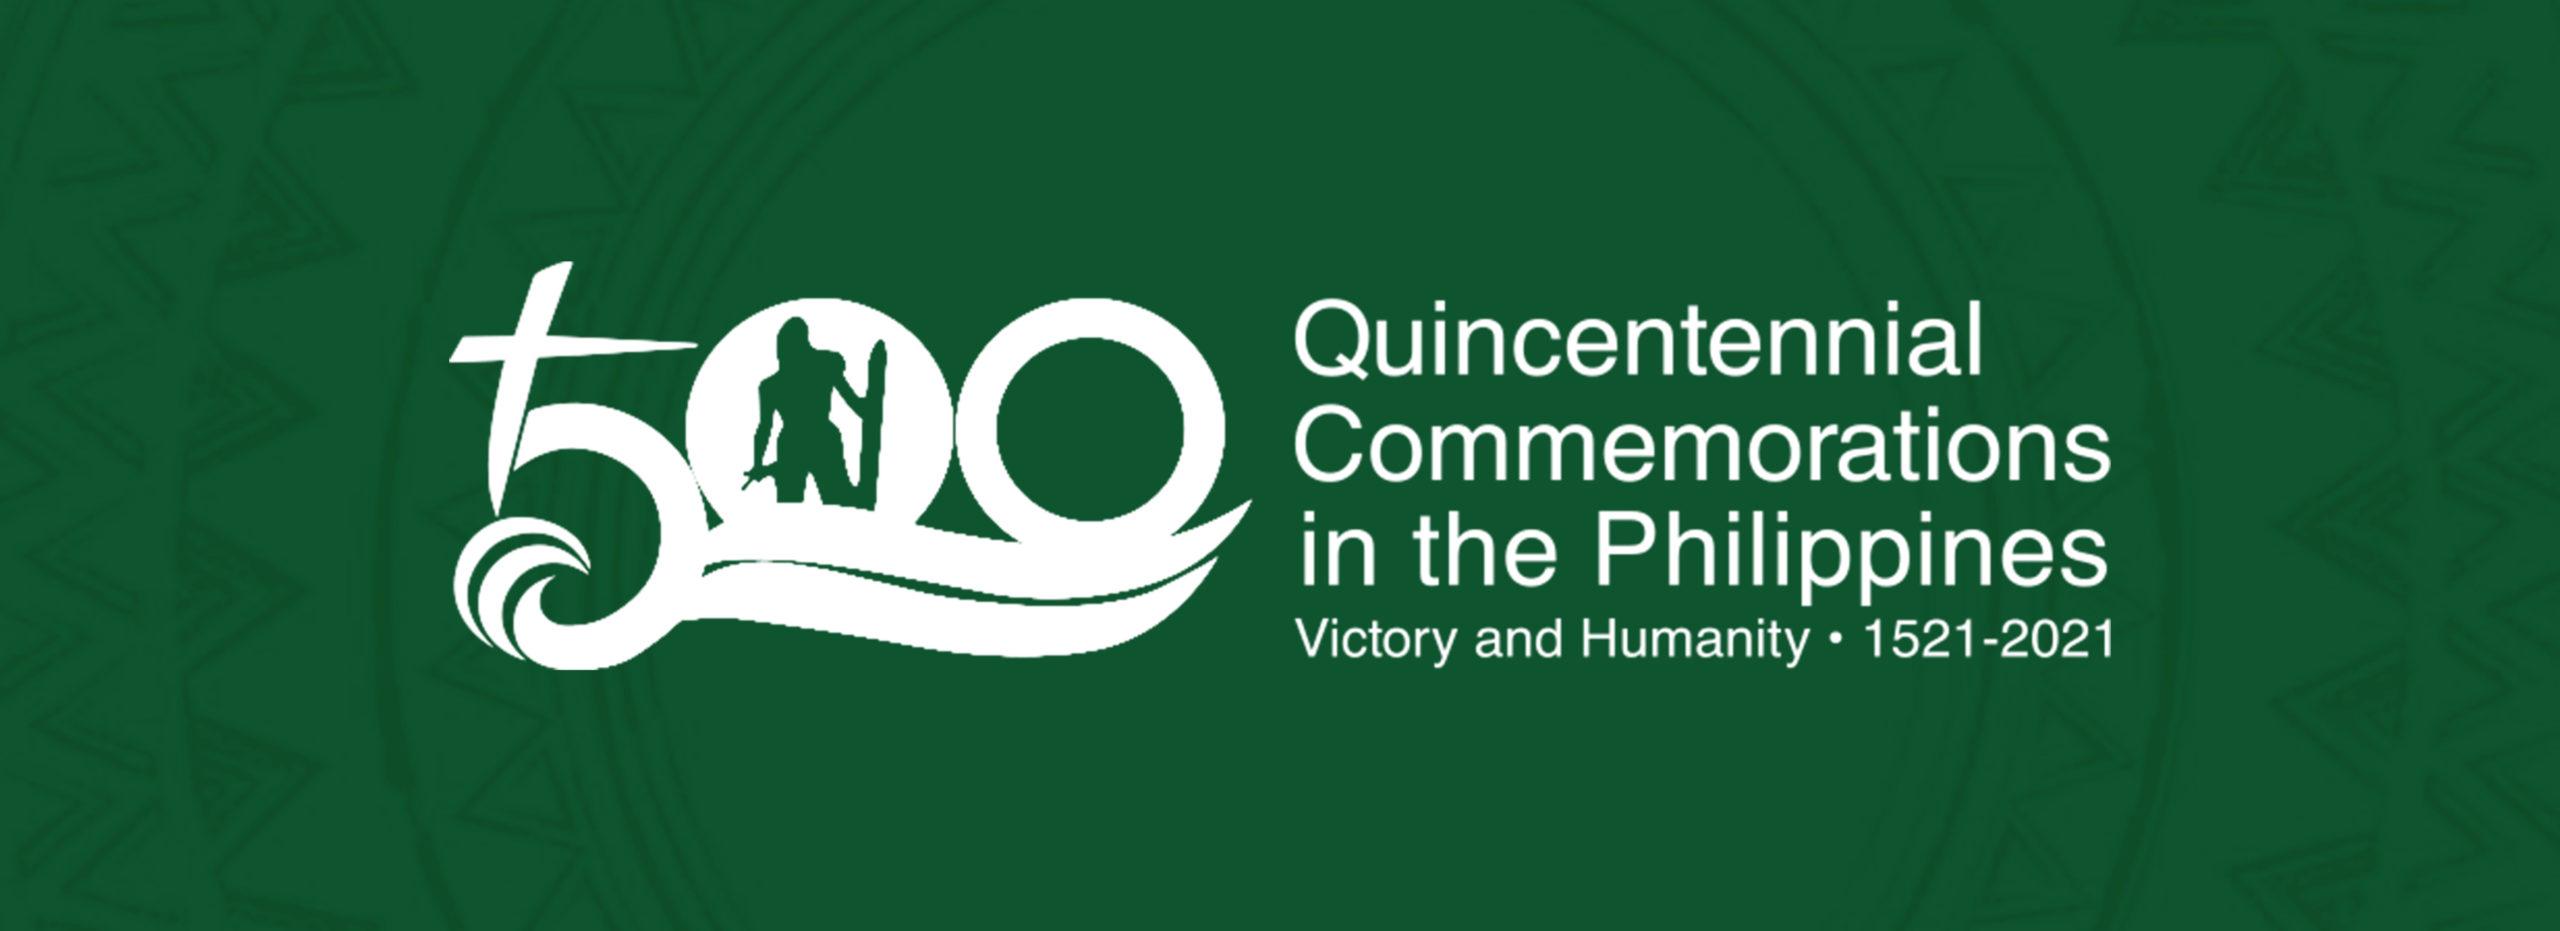 UPLB Quincentennial Commemorations